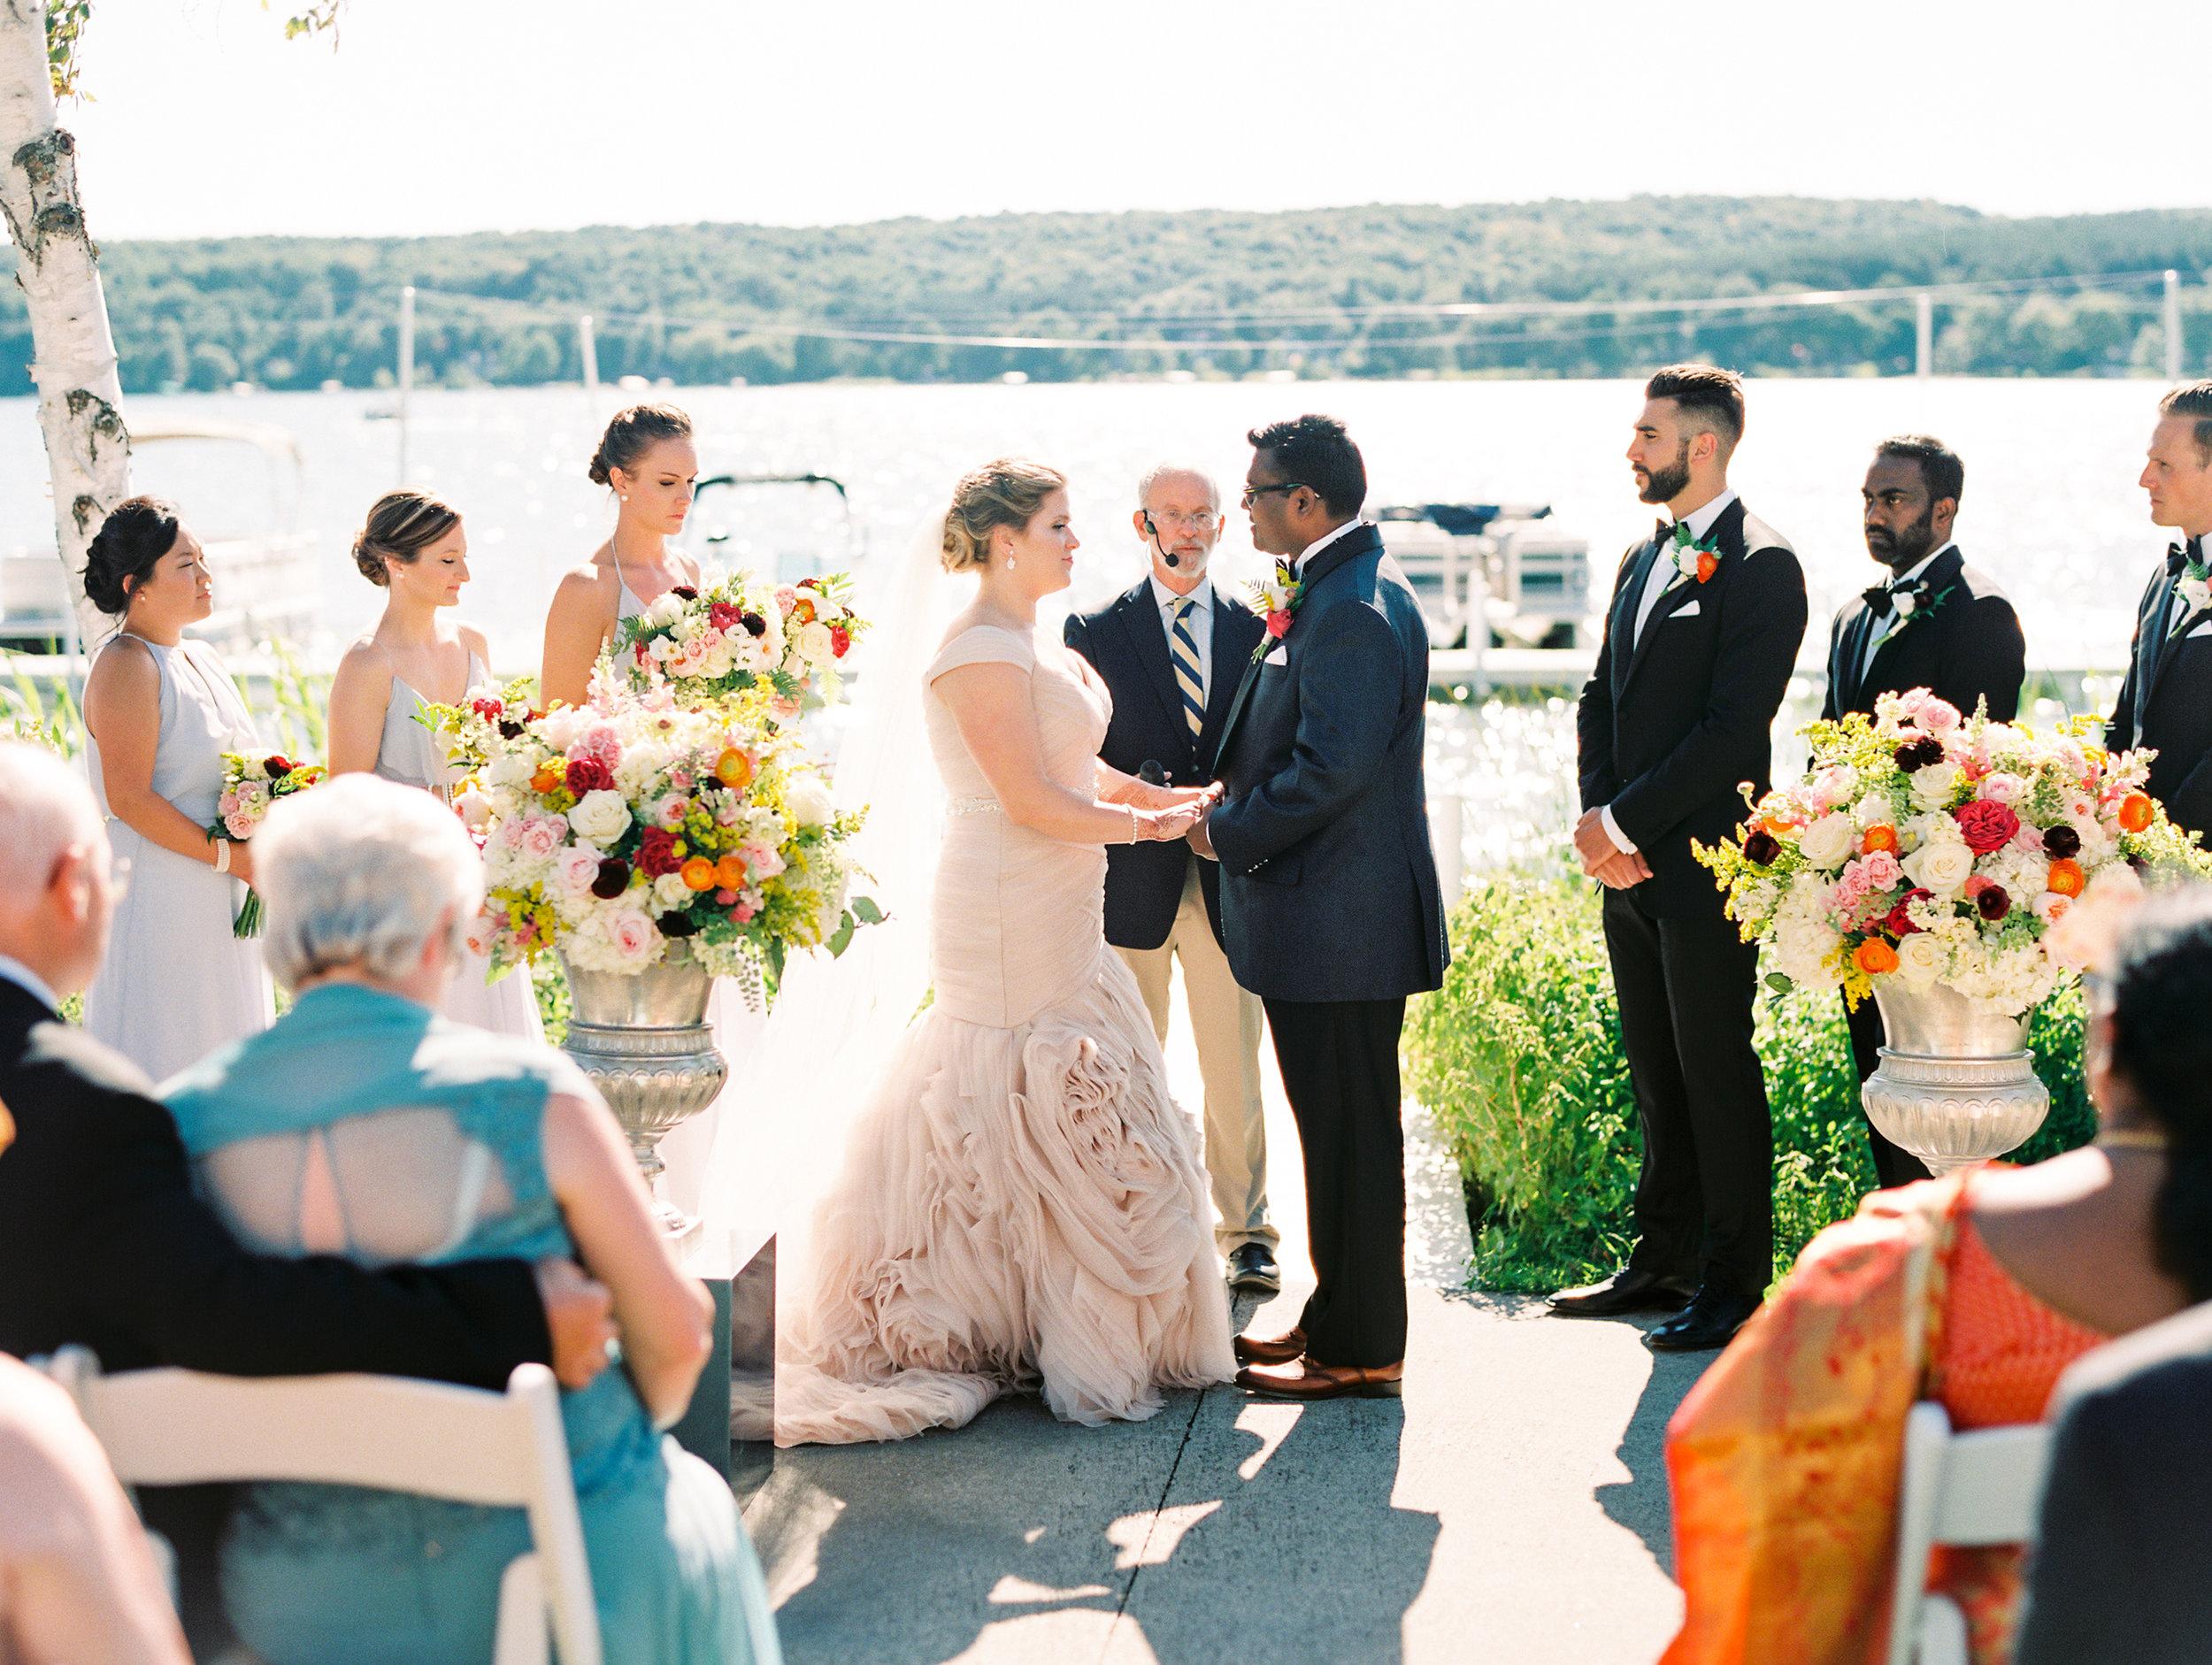 Govathoti+Wedding+Ceremony-198.jpg